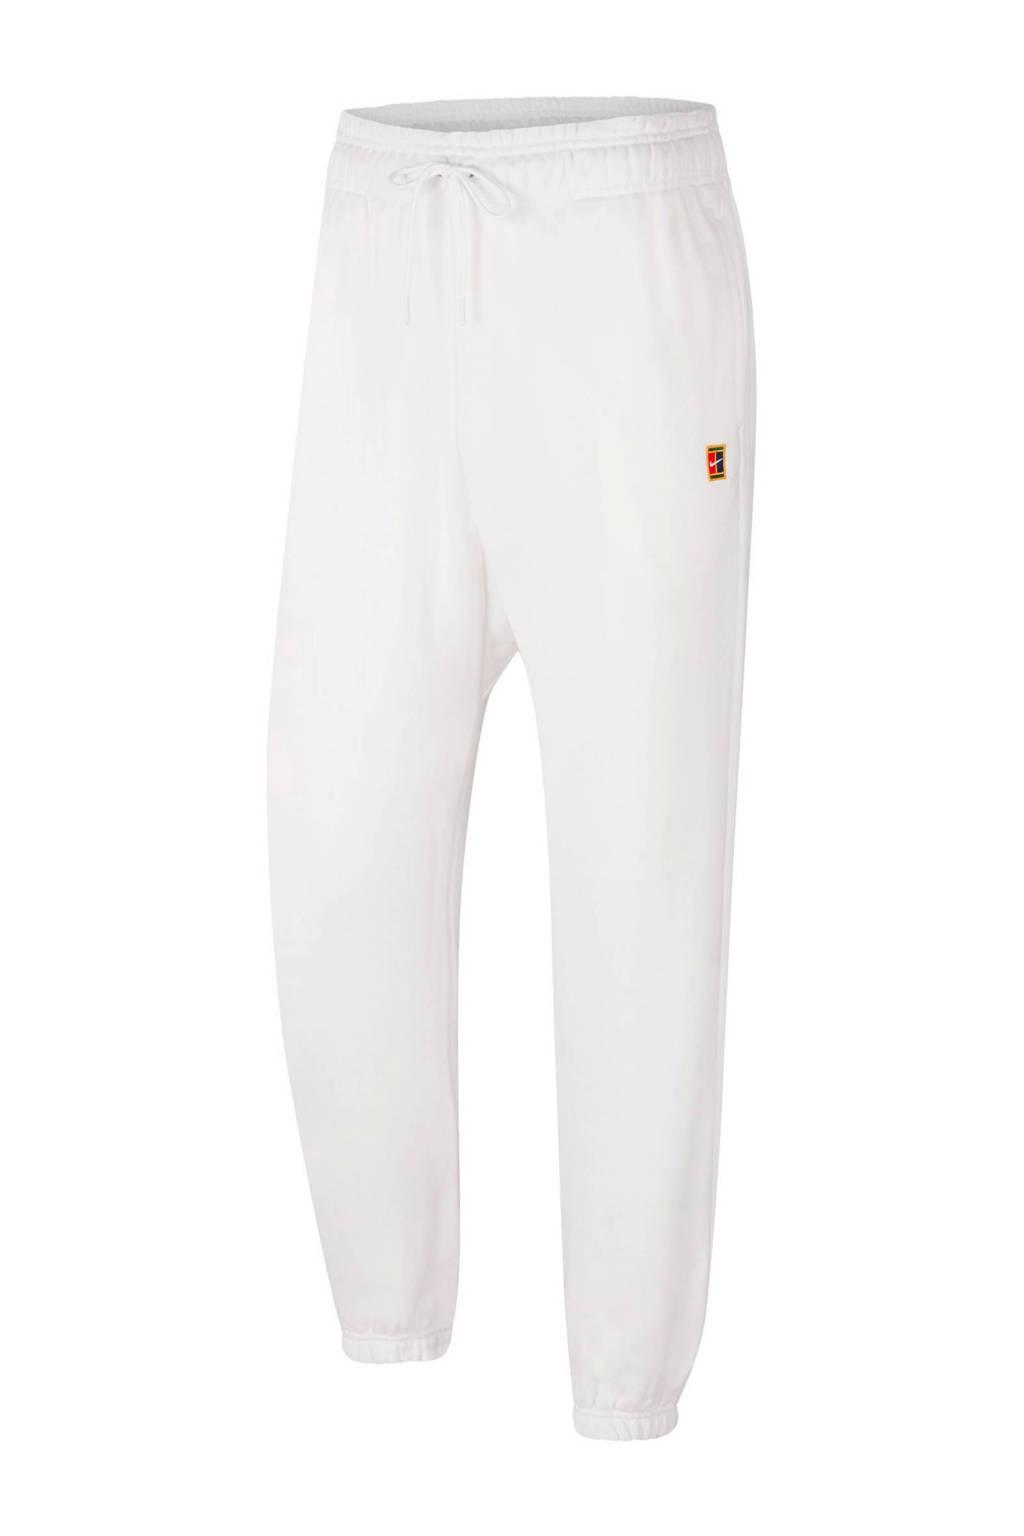 Nike   sportbroek wit, Wit